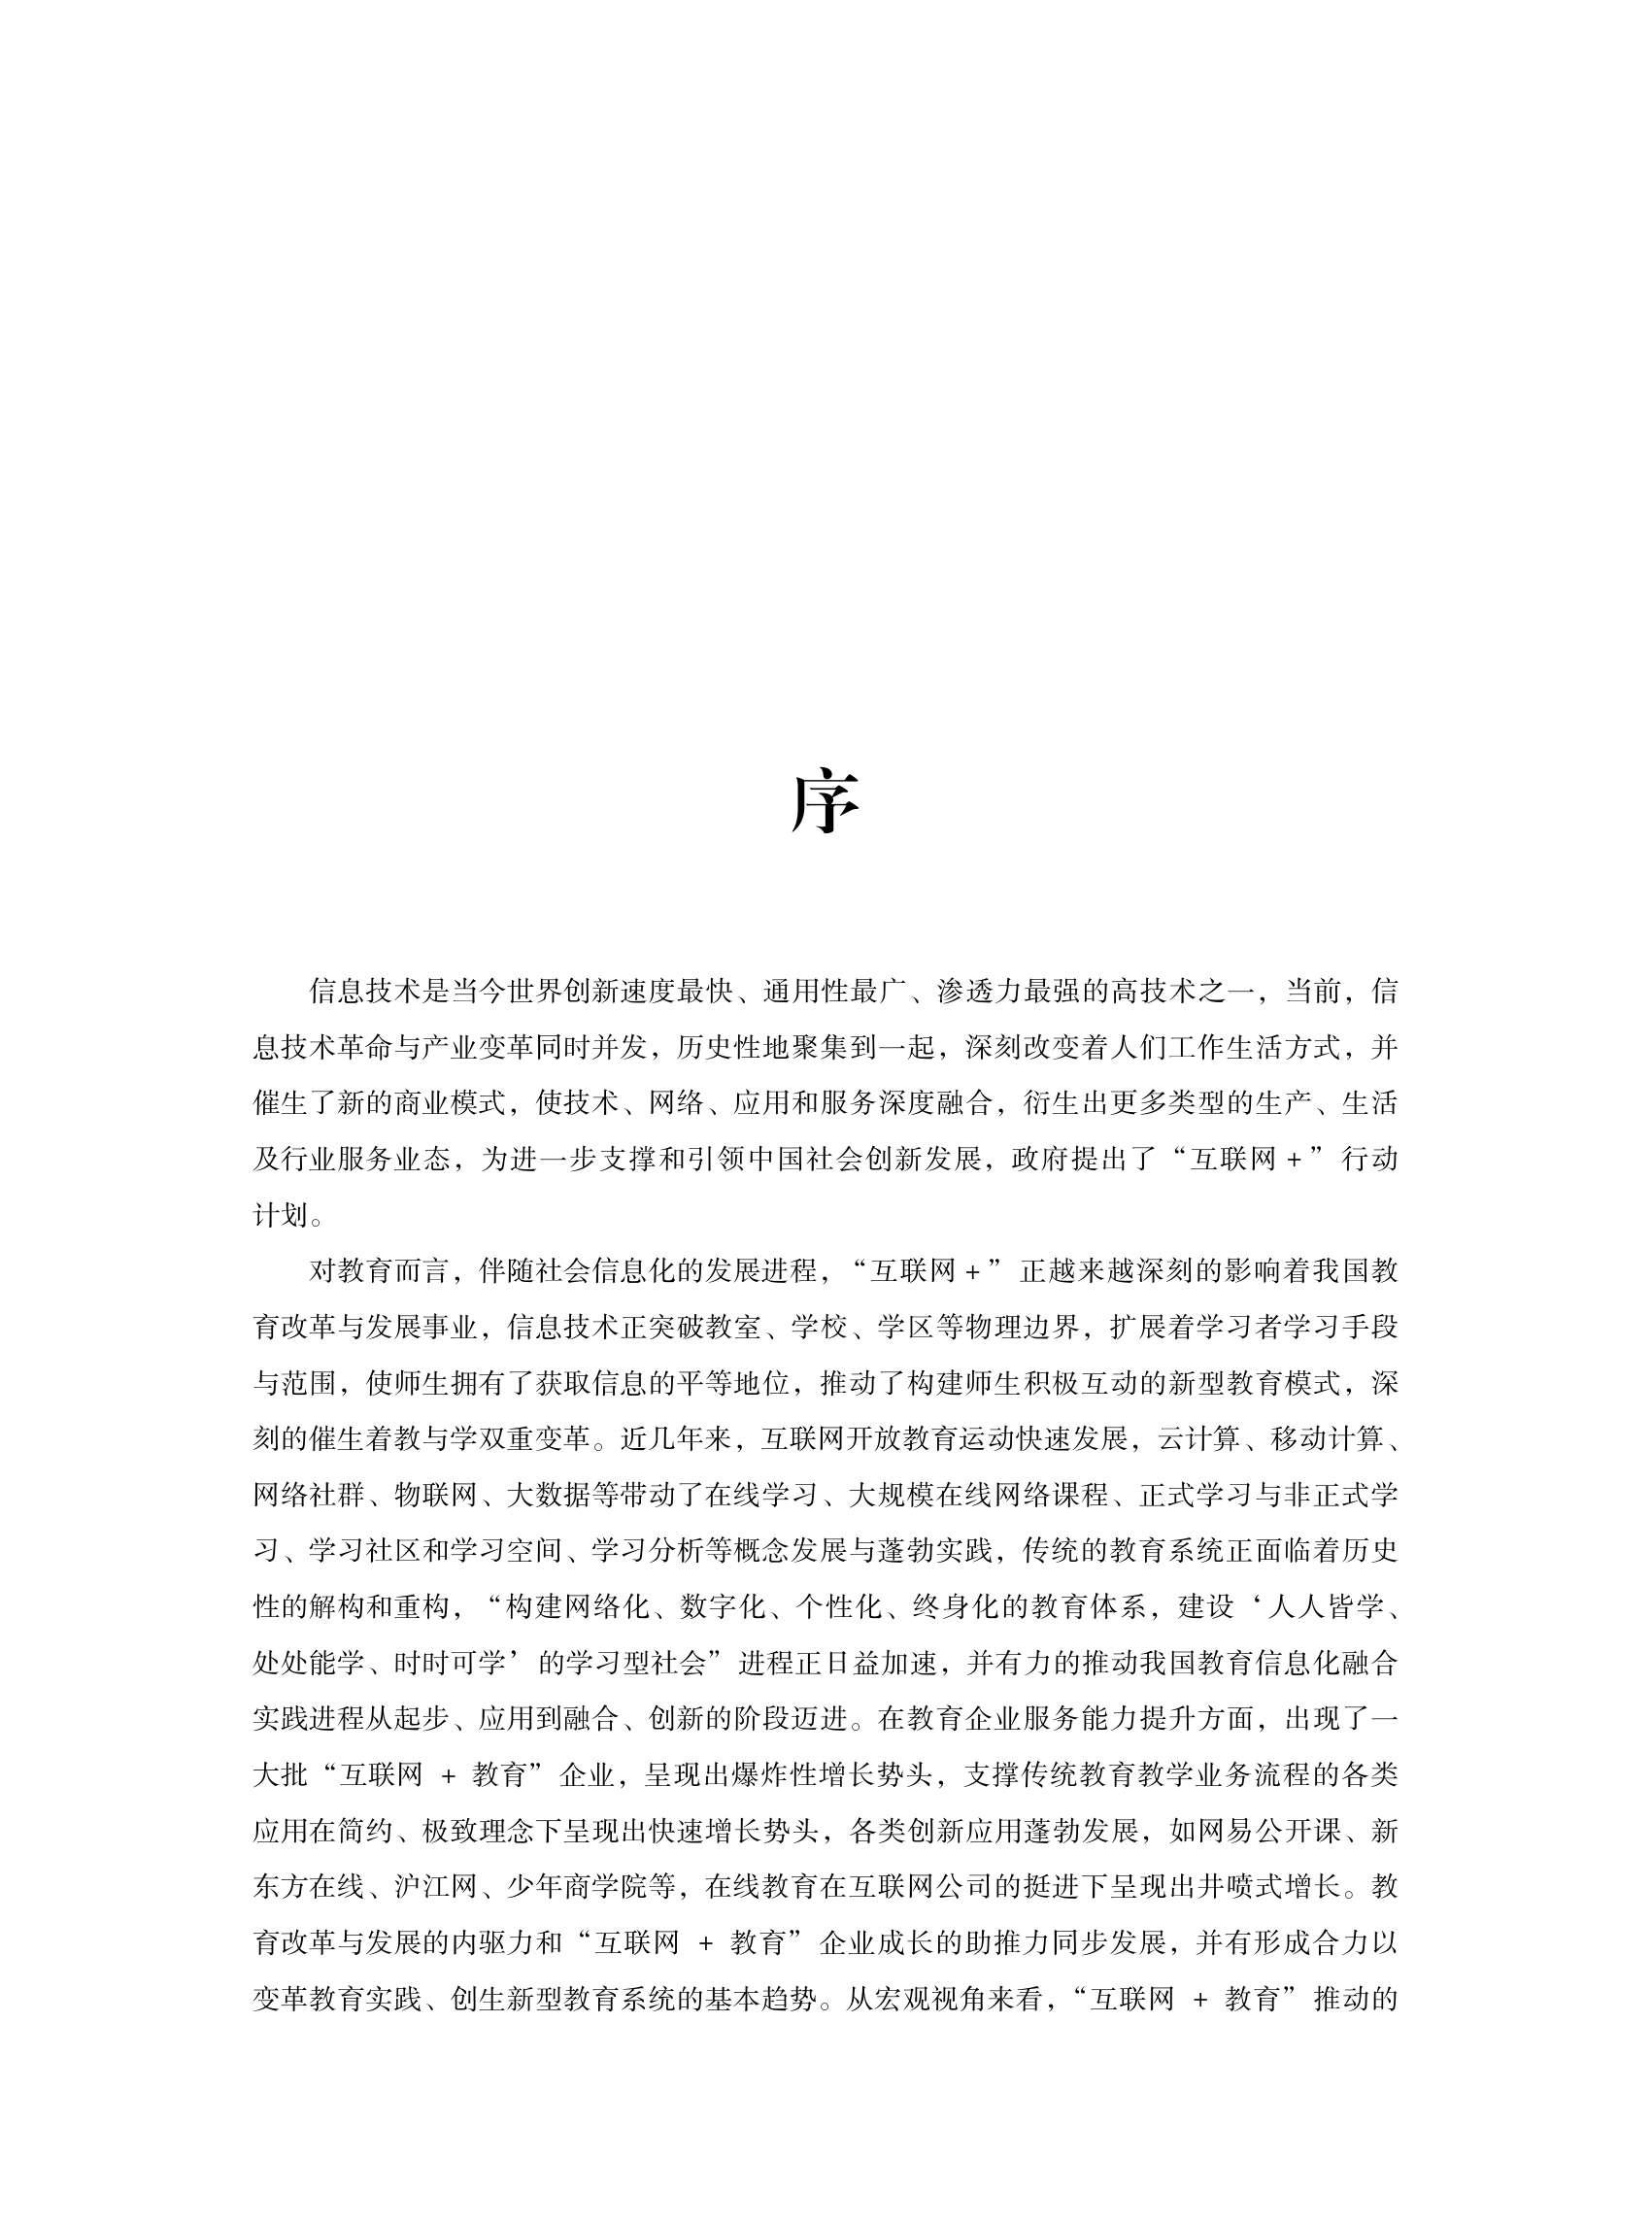 2015年中国互联网学习白皮书_000006